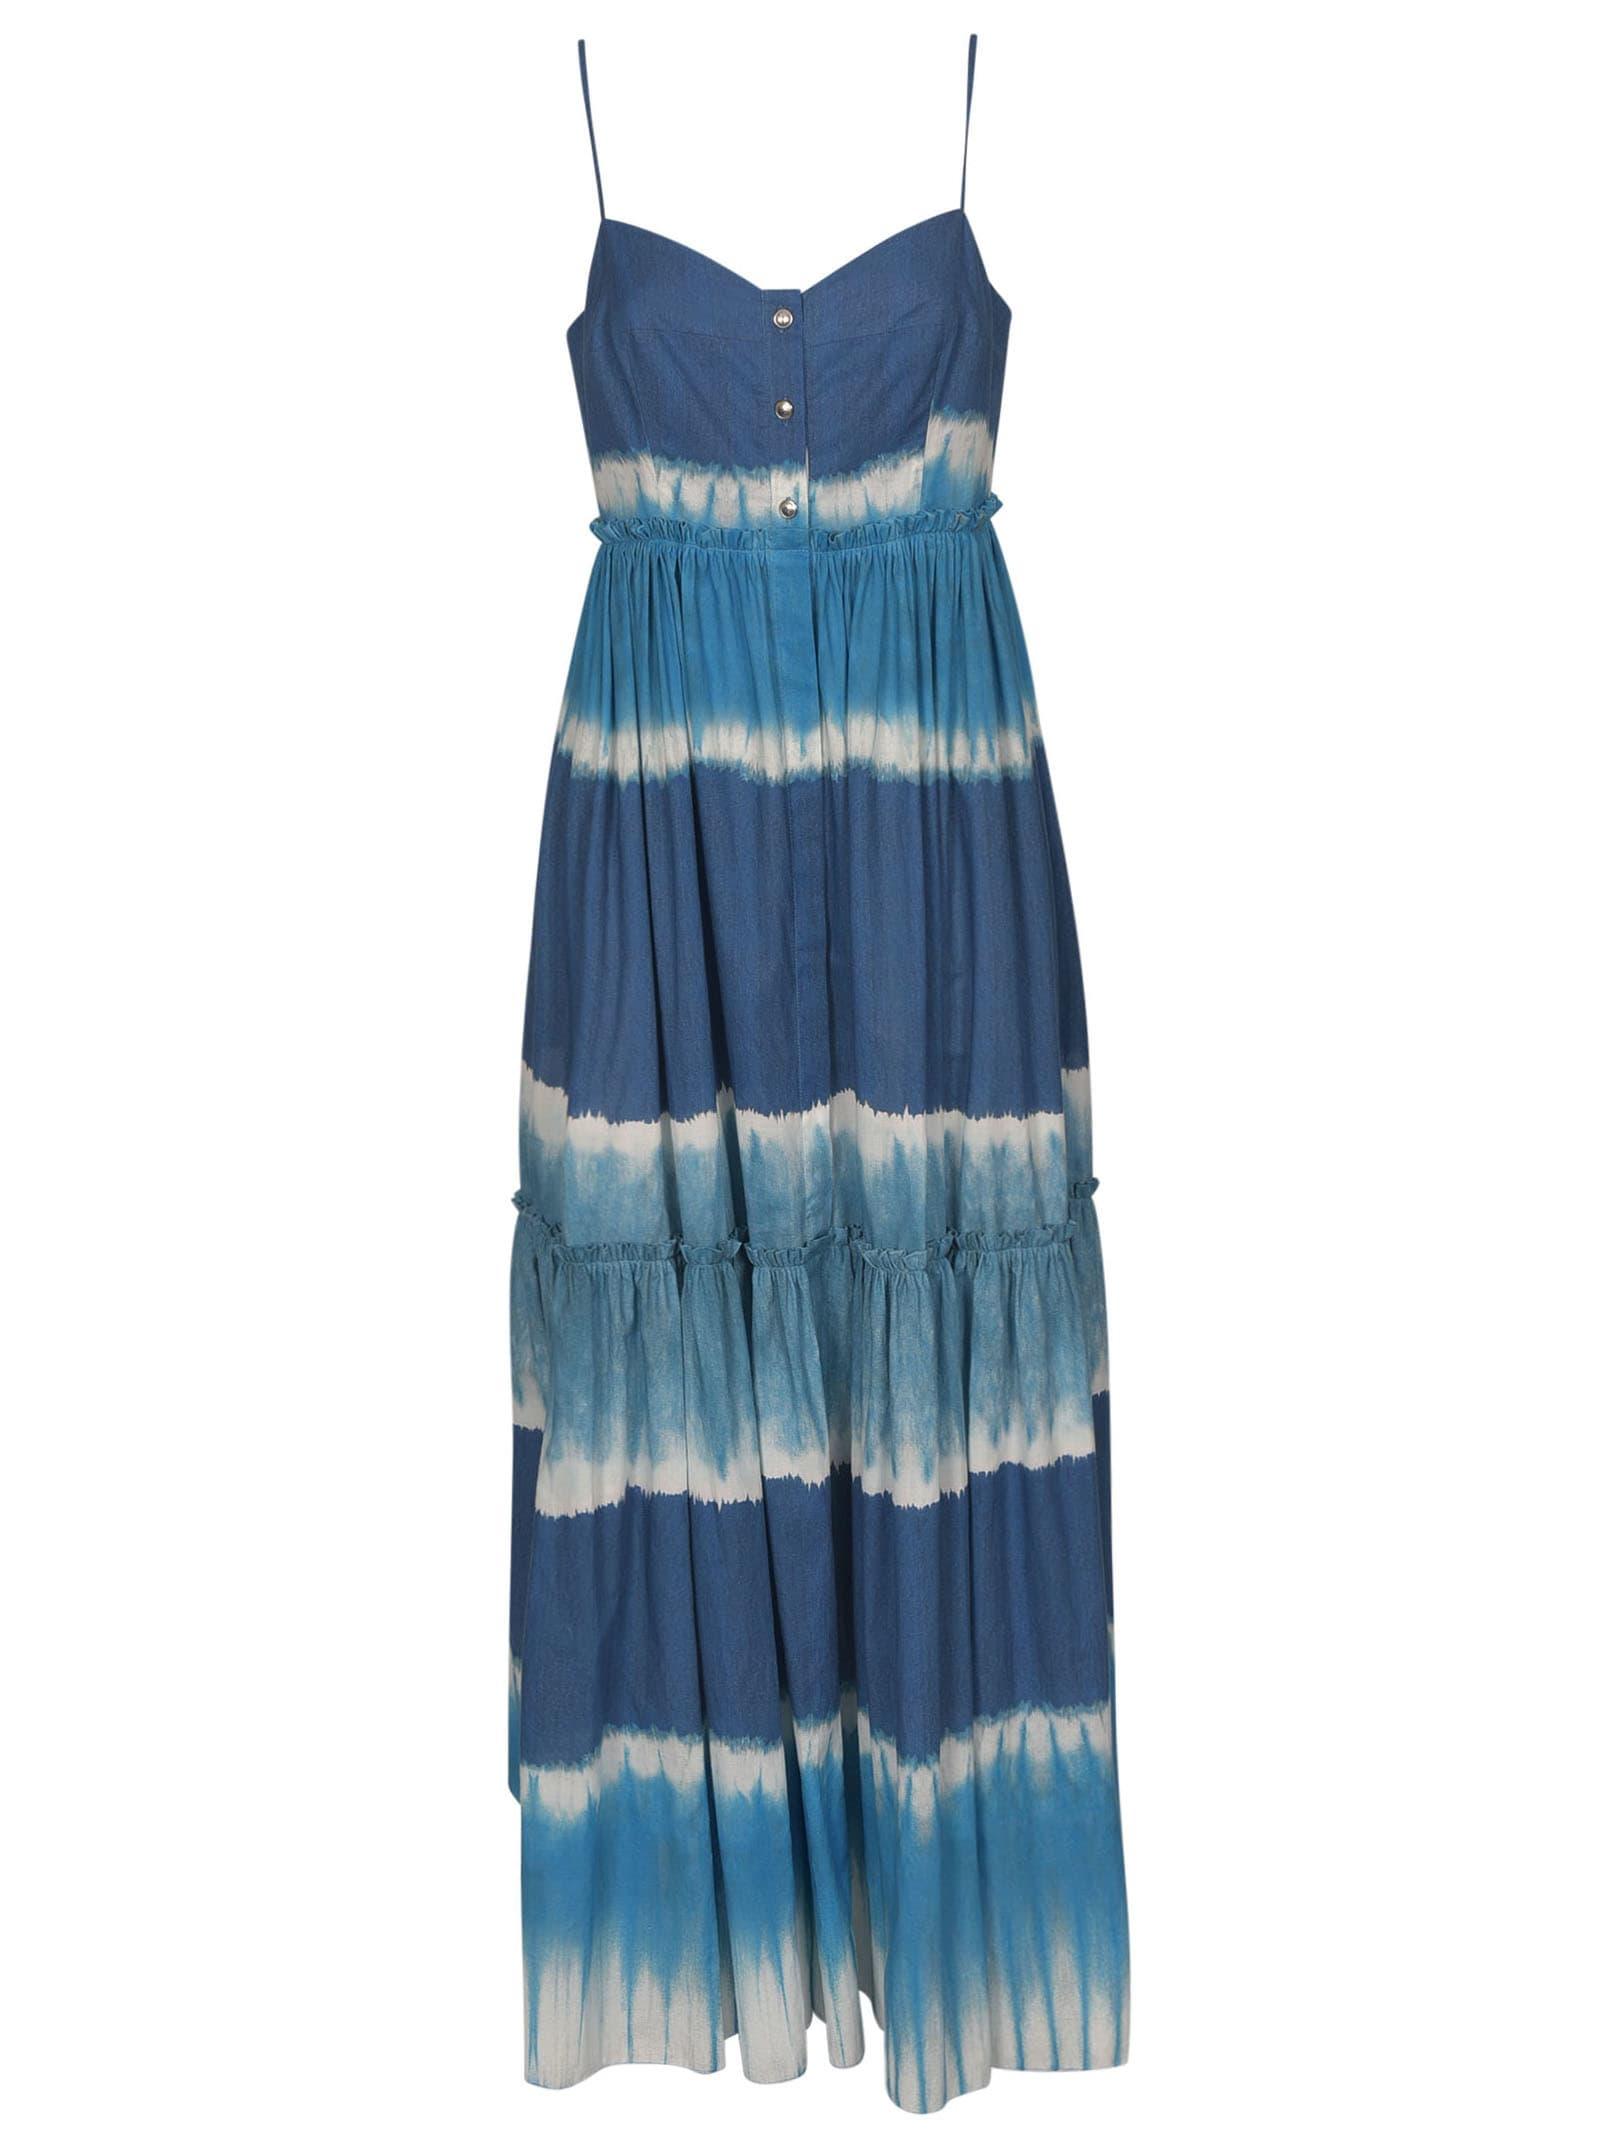 Buy Alberta Ferretti Stripe Patterned Dye Dress online, shop Alberta Ferretti with free shipping